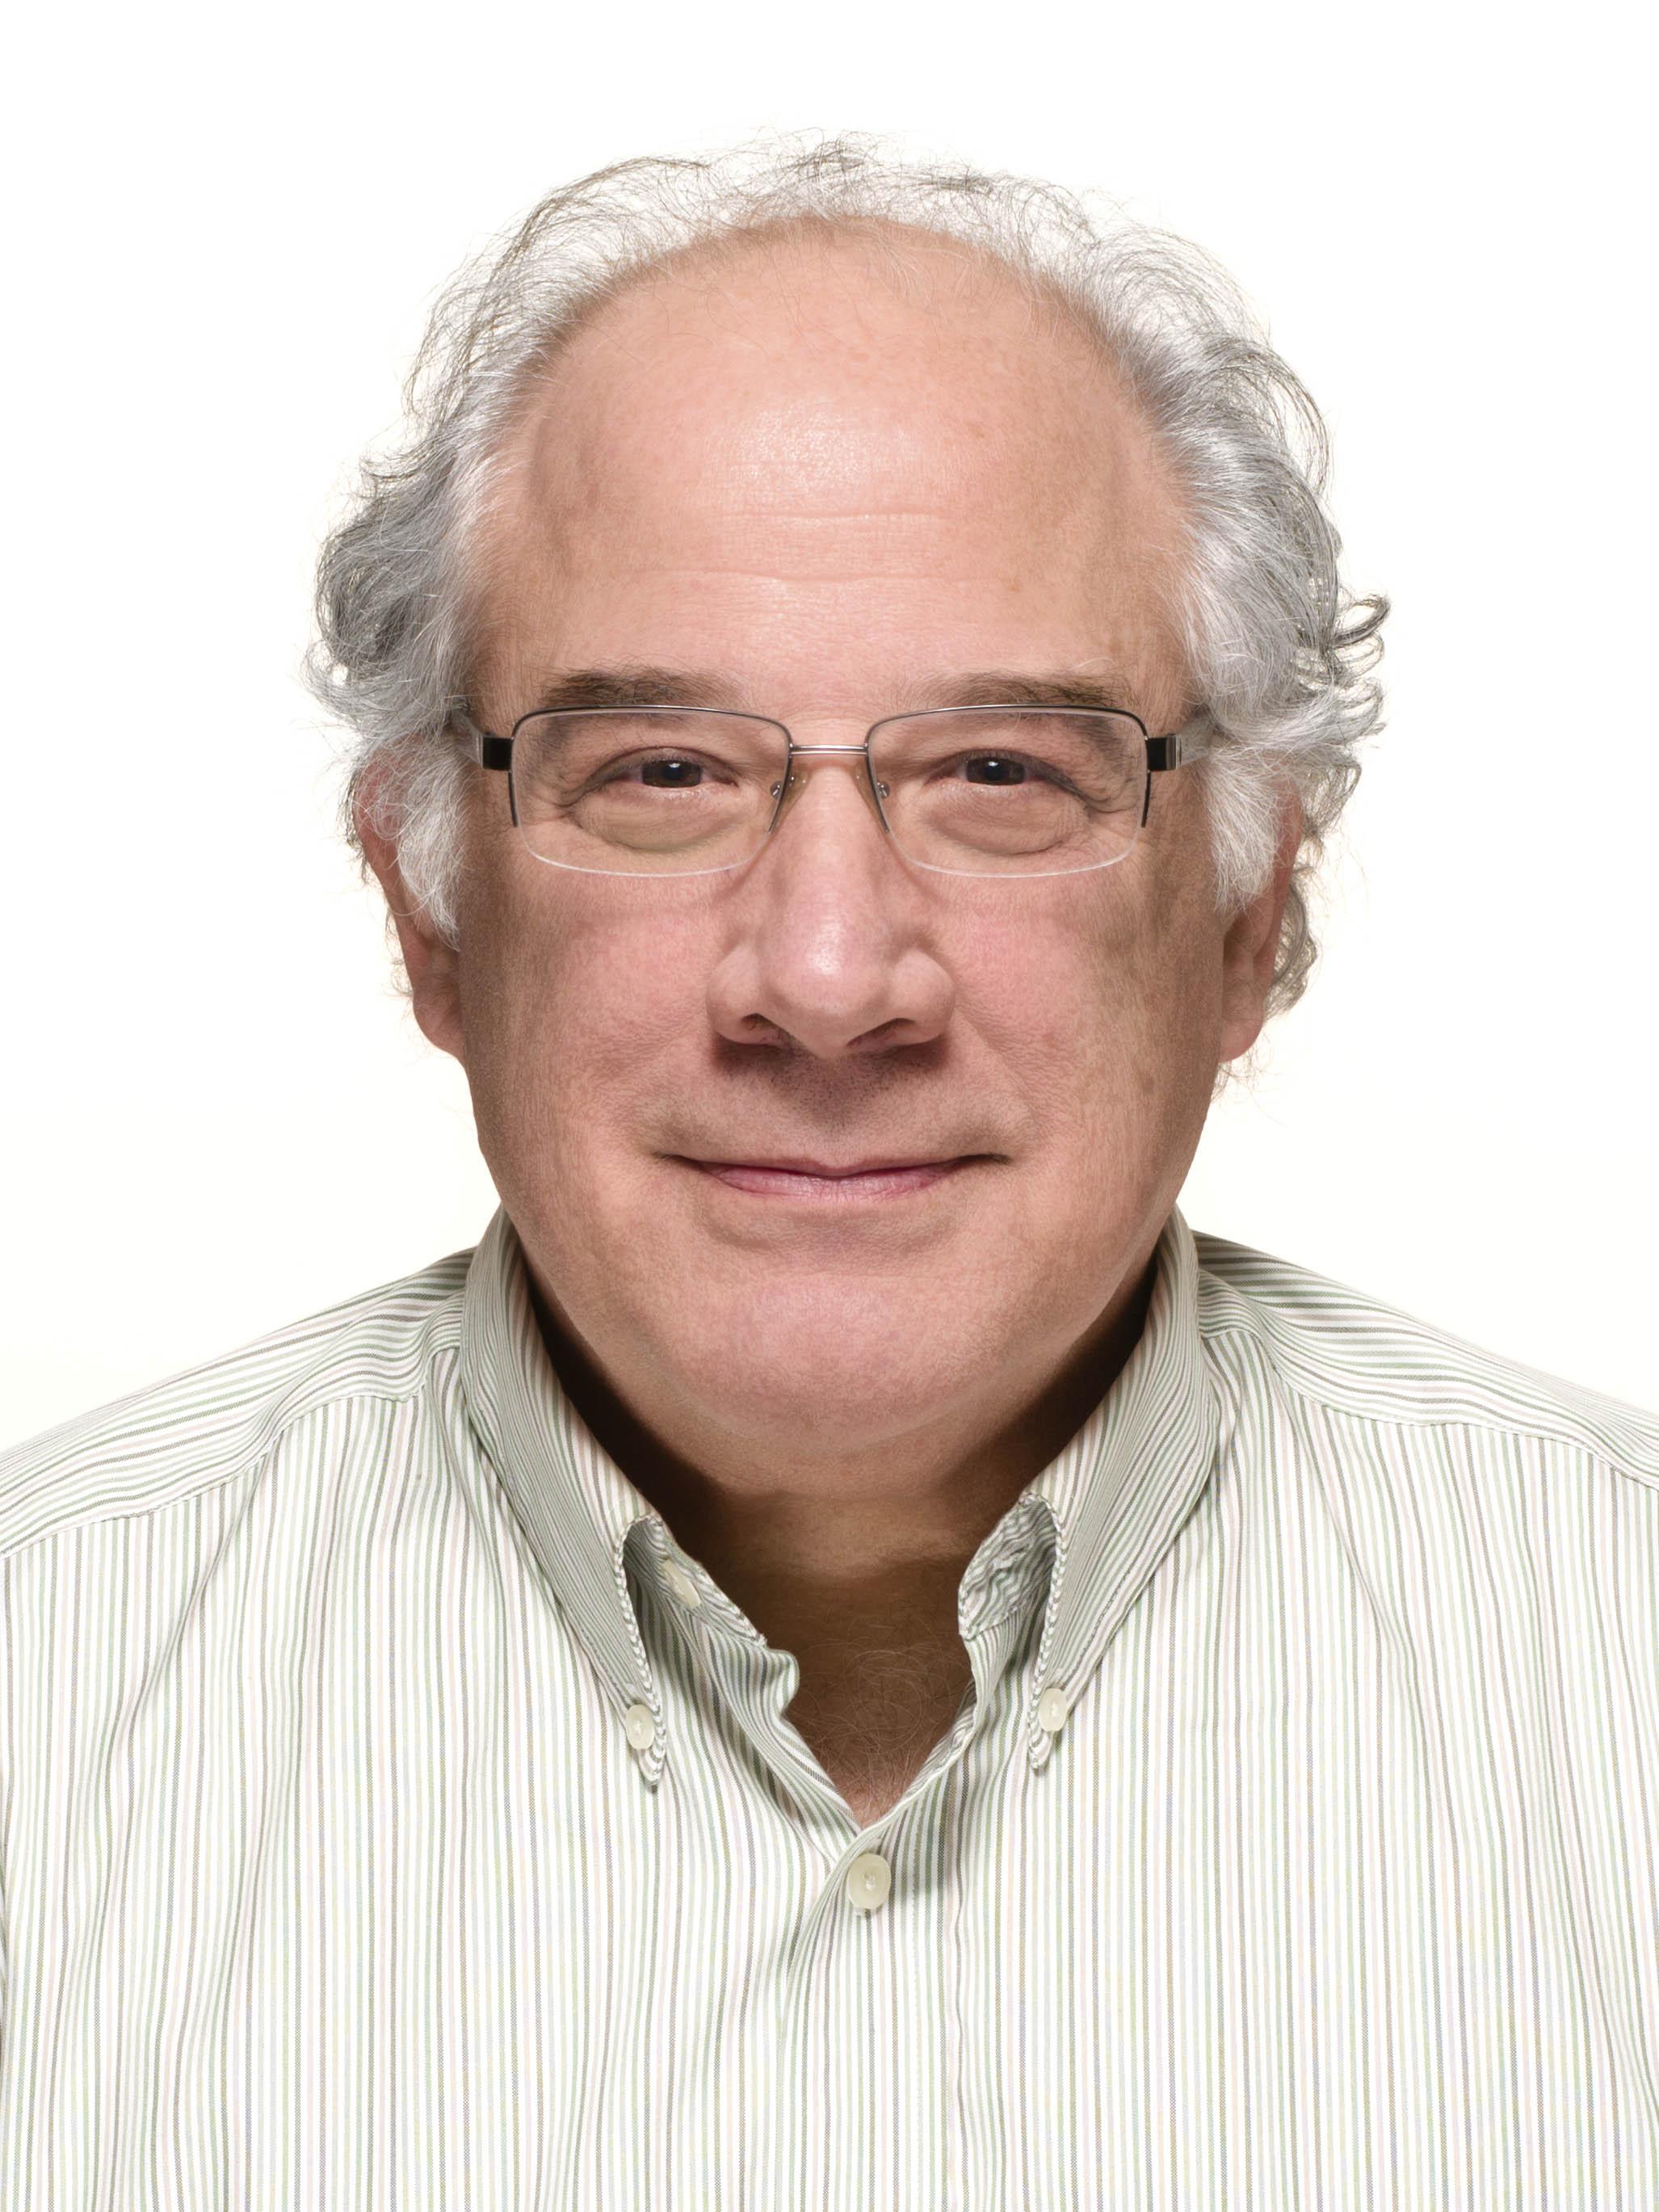 Michael Monte - COO/CFO